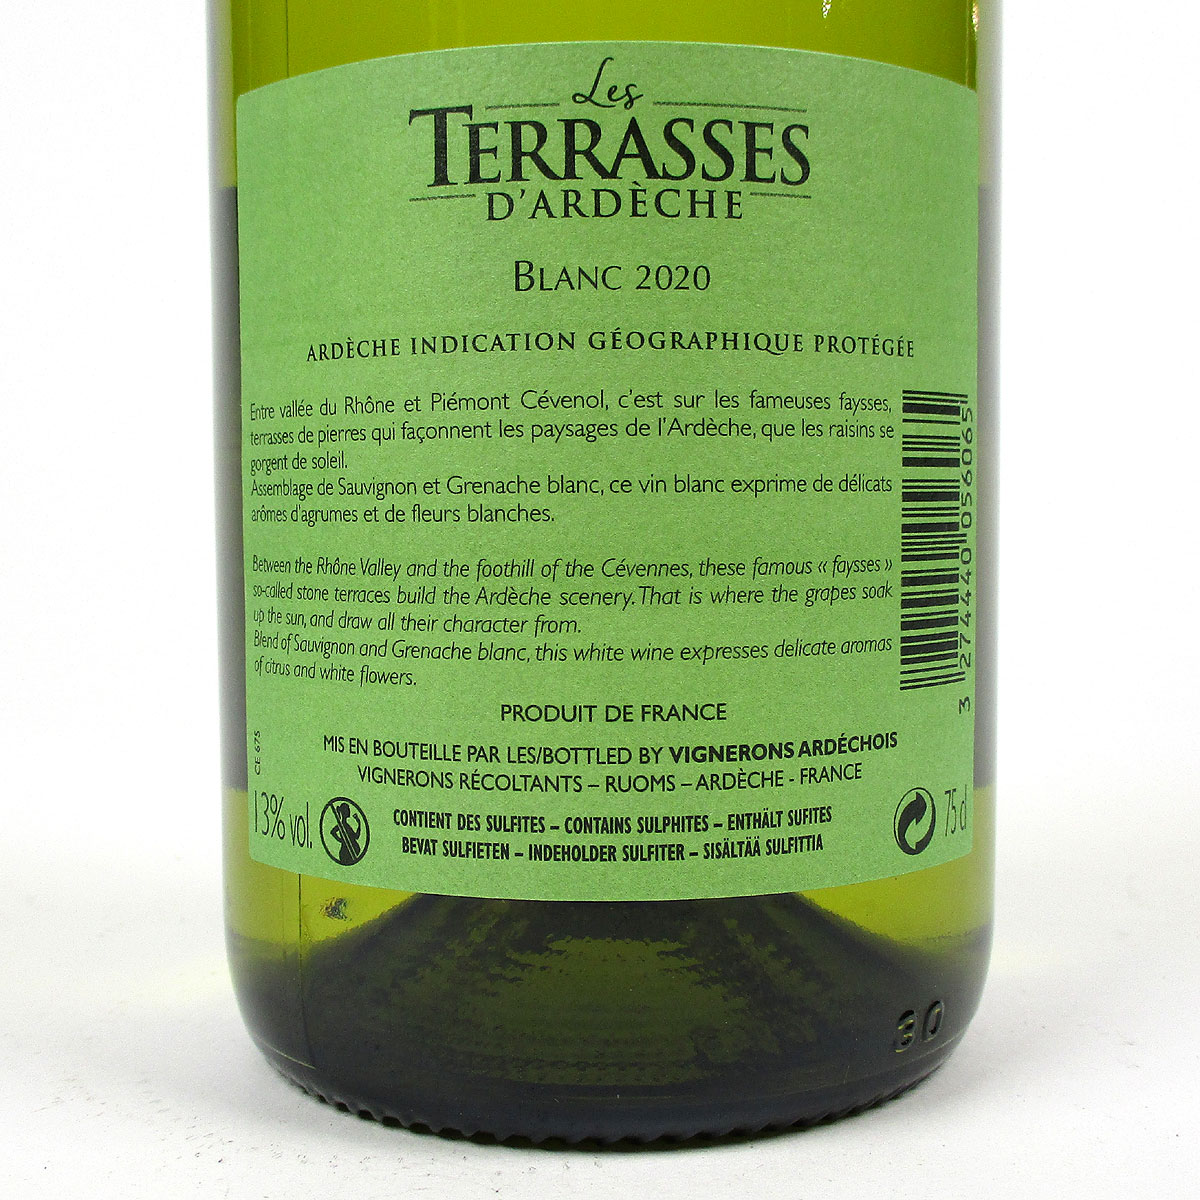 IGP Ardèche: Vignerons Ardéchois 'Les Terrasses' Blanc 2020 - Bottle Rear Label